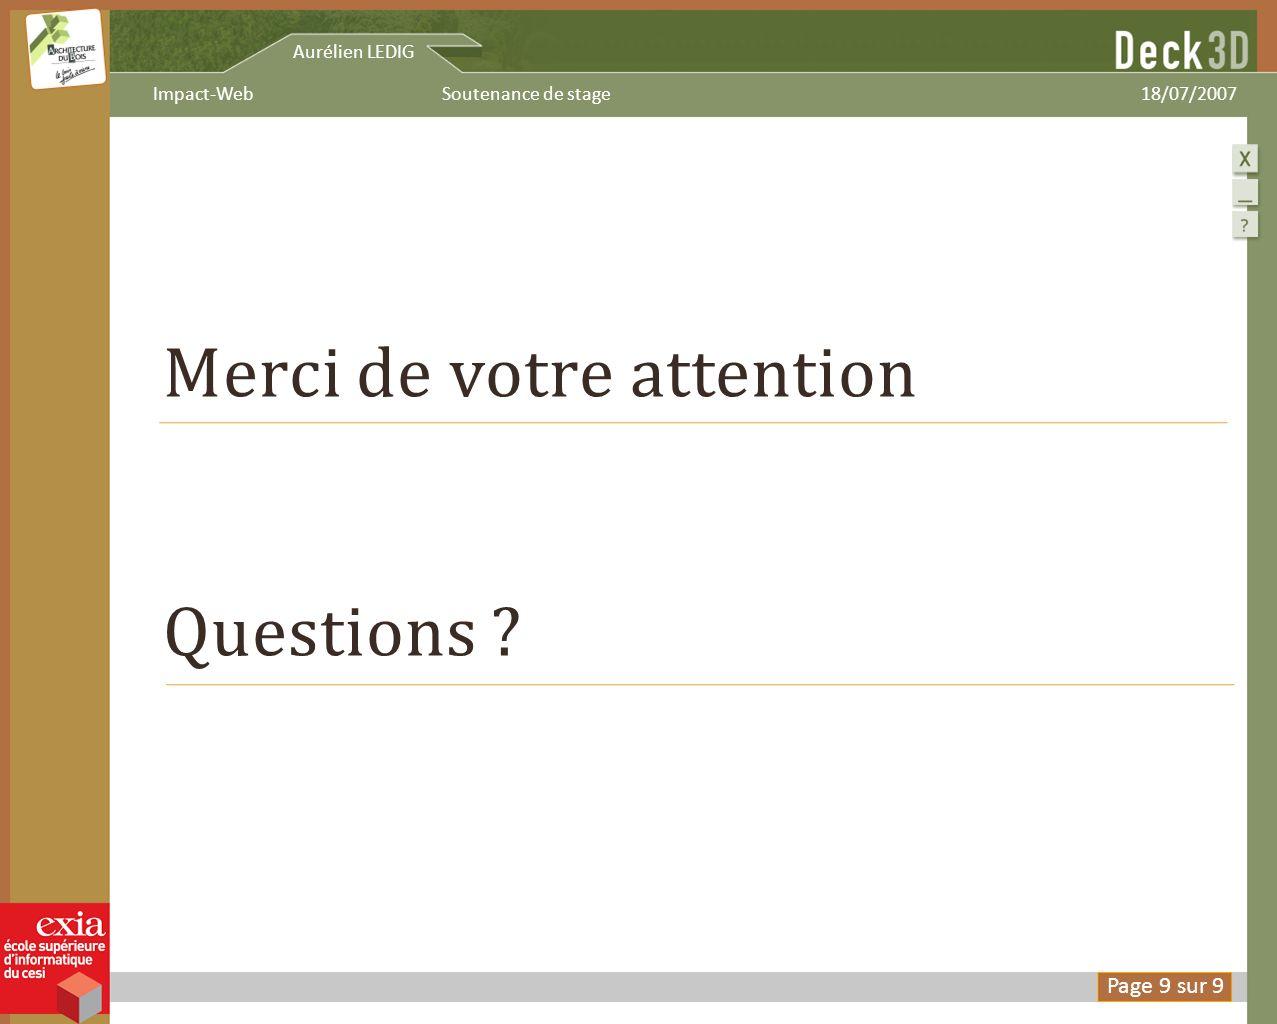 Aurélien LEDIG 18/07/2007Soutenance de stageImpact-Web Merci de votre attention Questions ? Page 9 sur 9